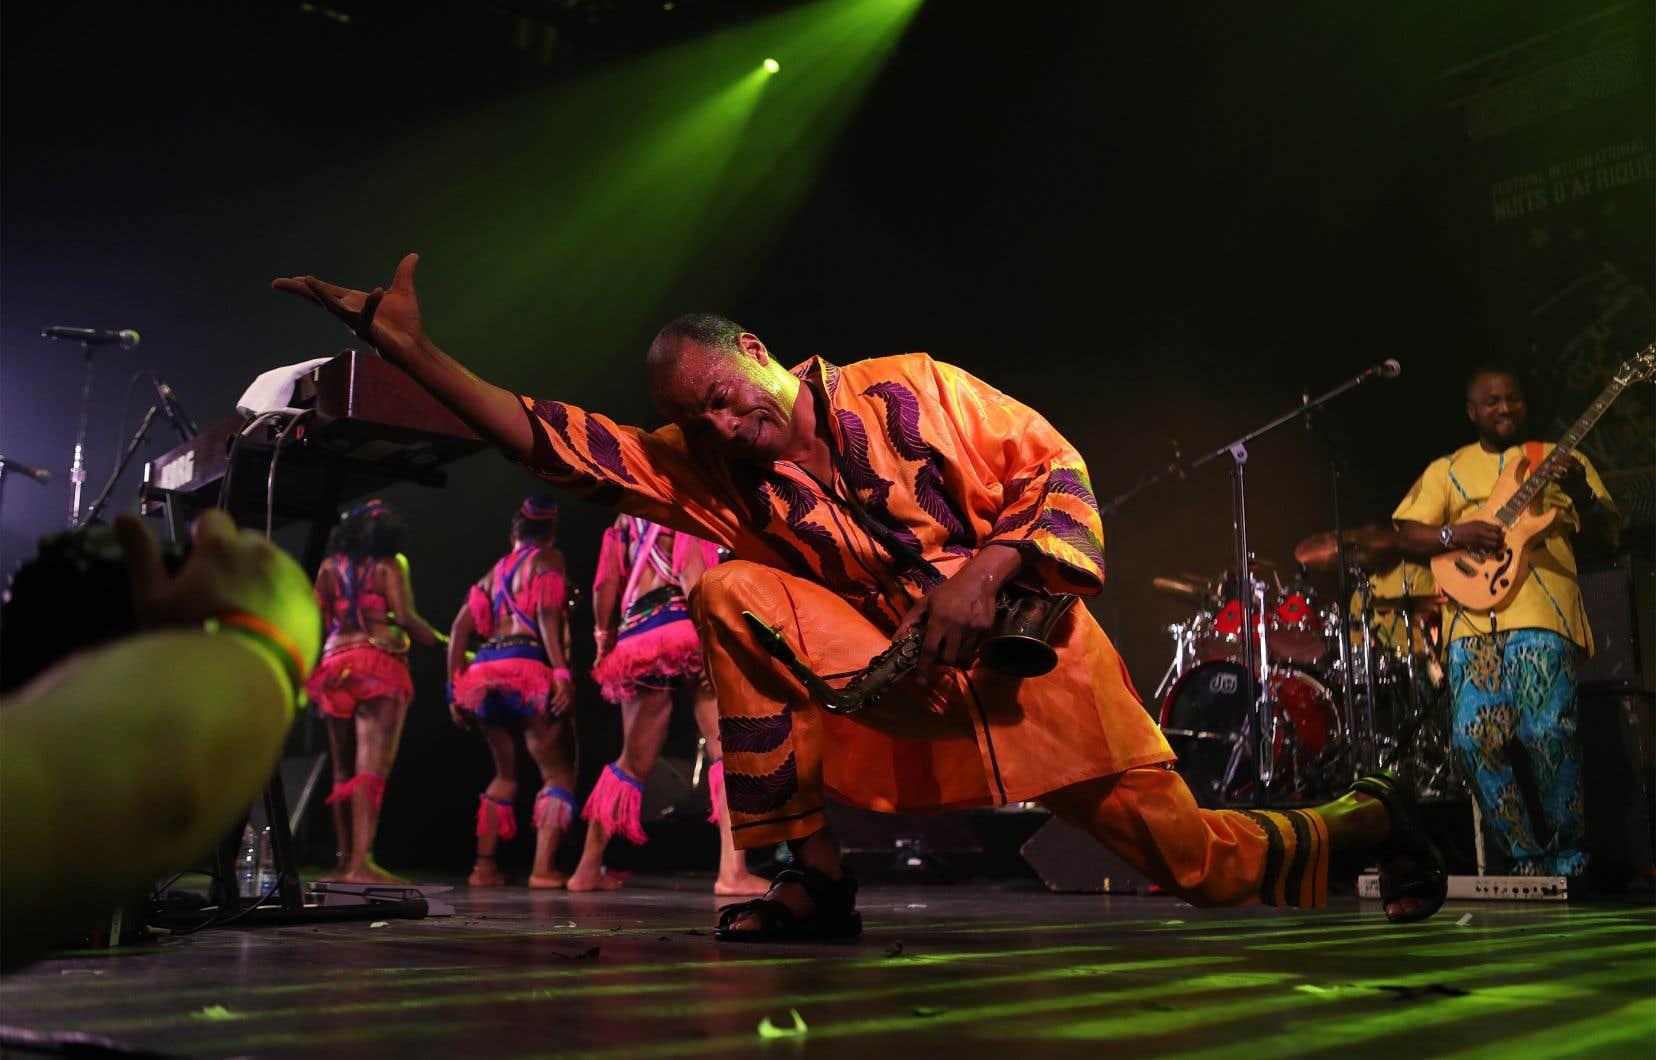 Les festivaliers ont pris le parterre d'assaut pour danser sur les rythmes savants de l'orchestre nigérian Positive Force, dirigé au doigt et à l'oeil par le fils de l'inventeur de l'afrobeat, Femi Anikulapo Kuti.